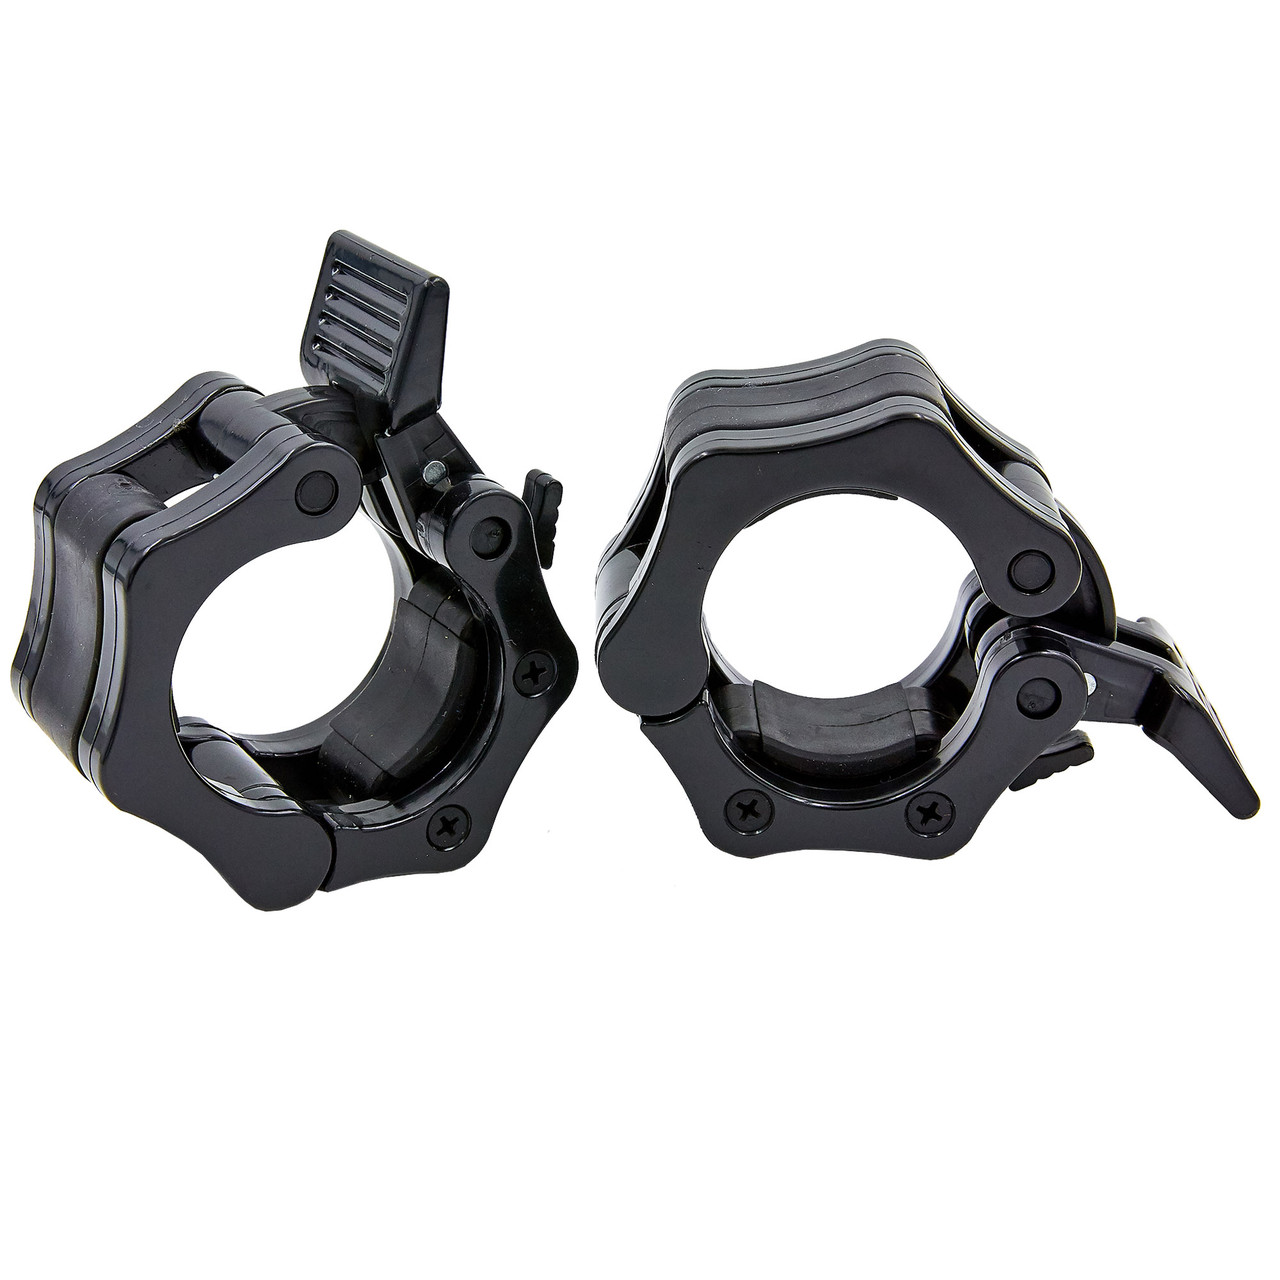 Замки (2шт) Lock-Jaw PRO с фиксатором для грифа 50мм (пластик, цена за 2 шт.)